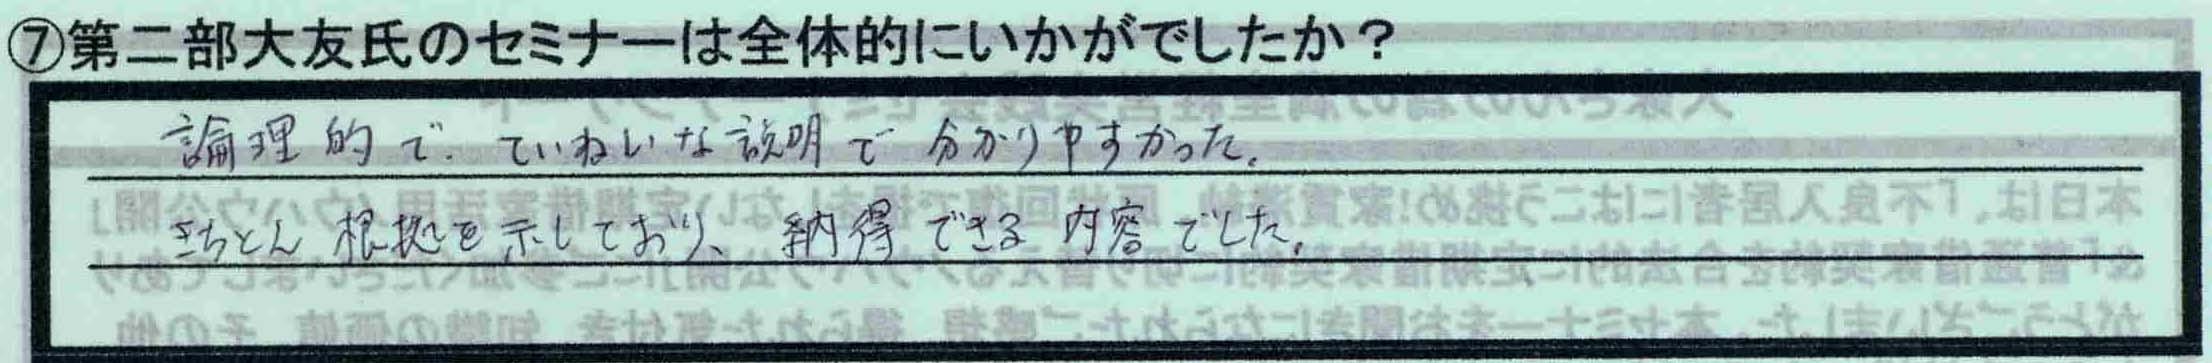 【東京都中央区】【小原洋一さん】【二部感想】